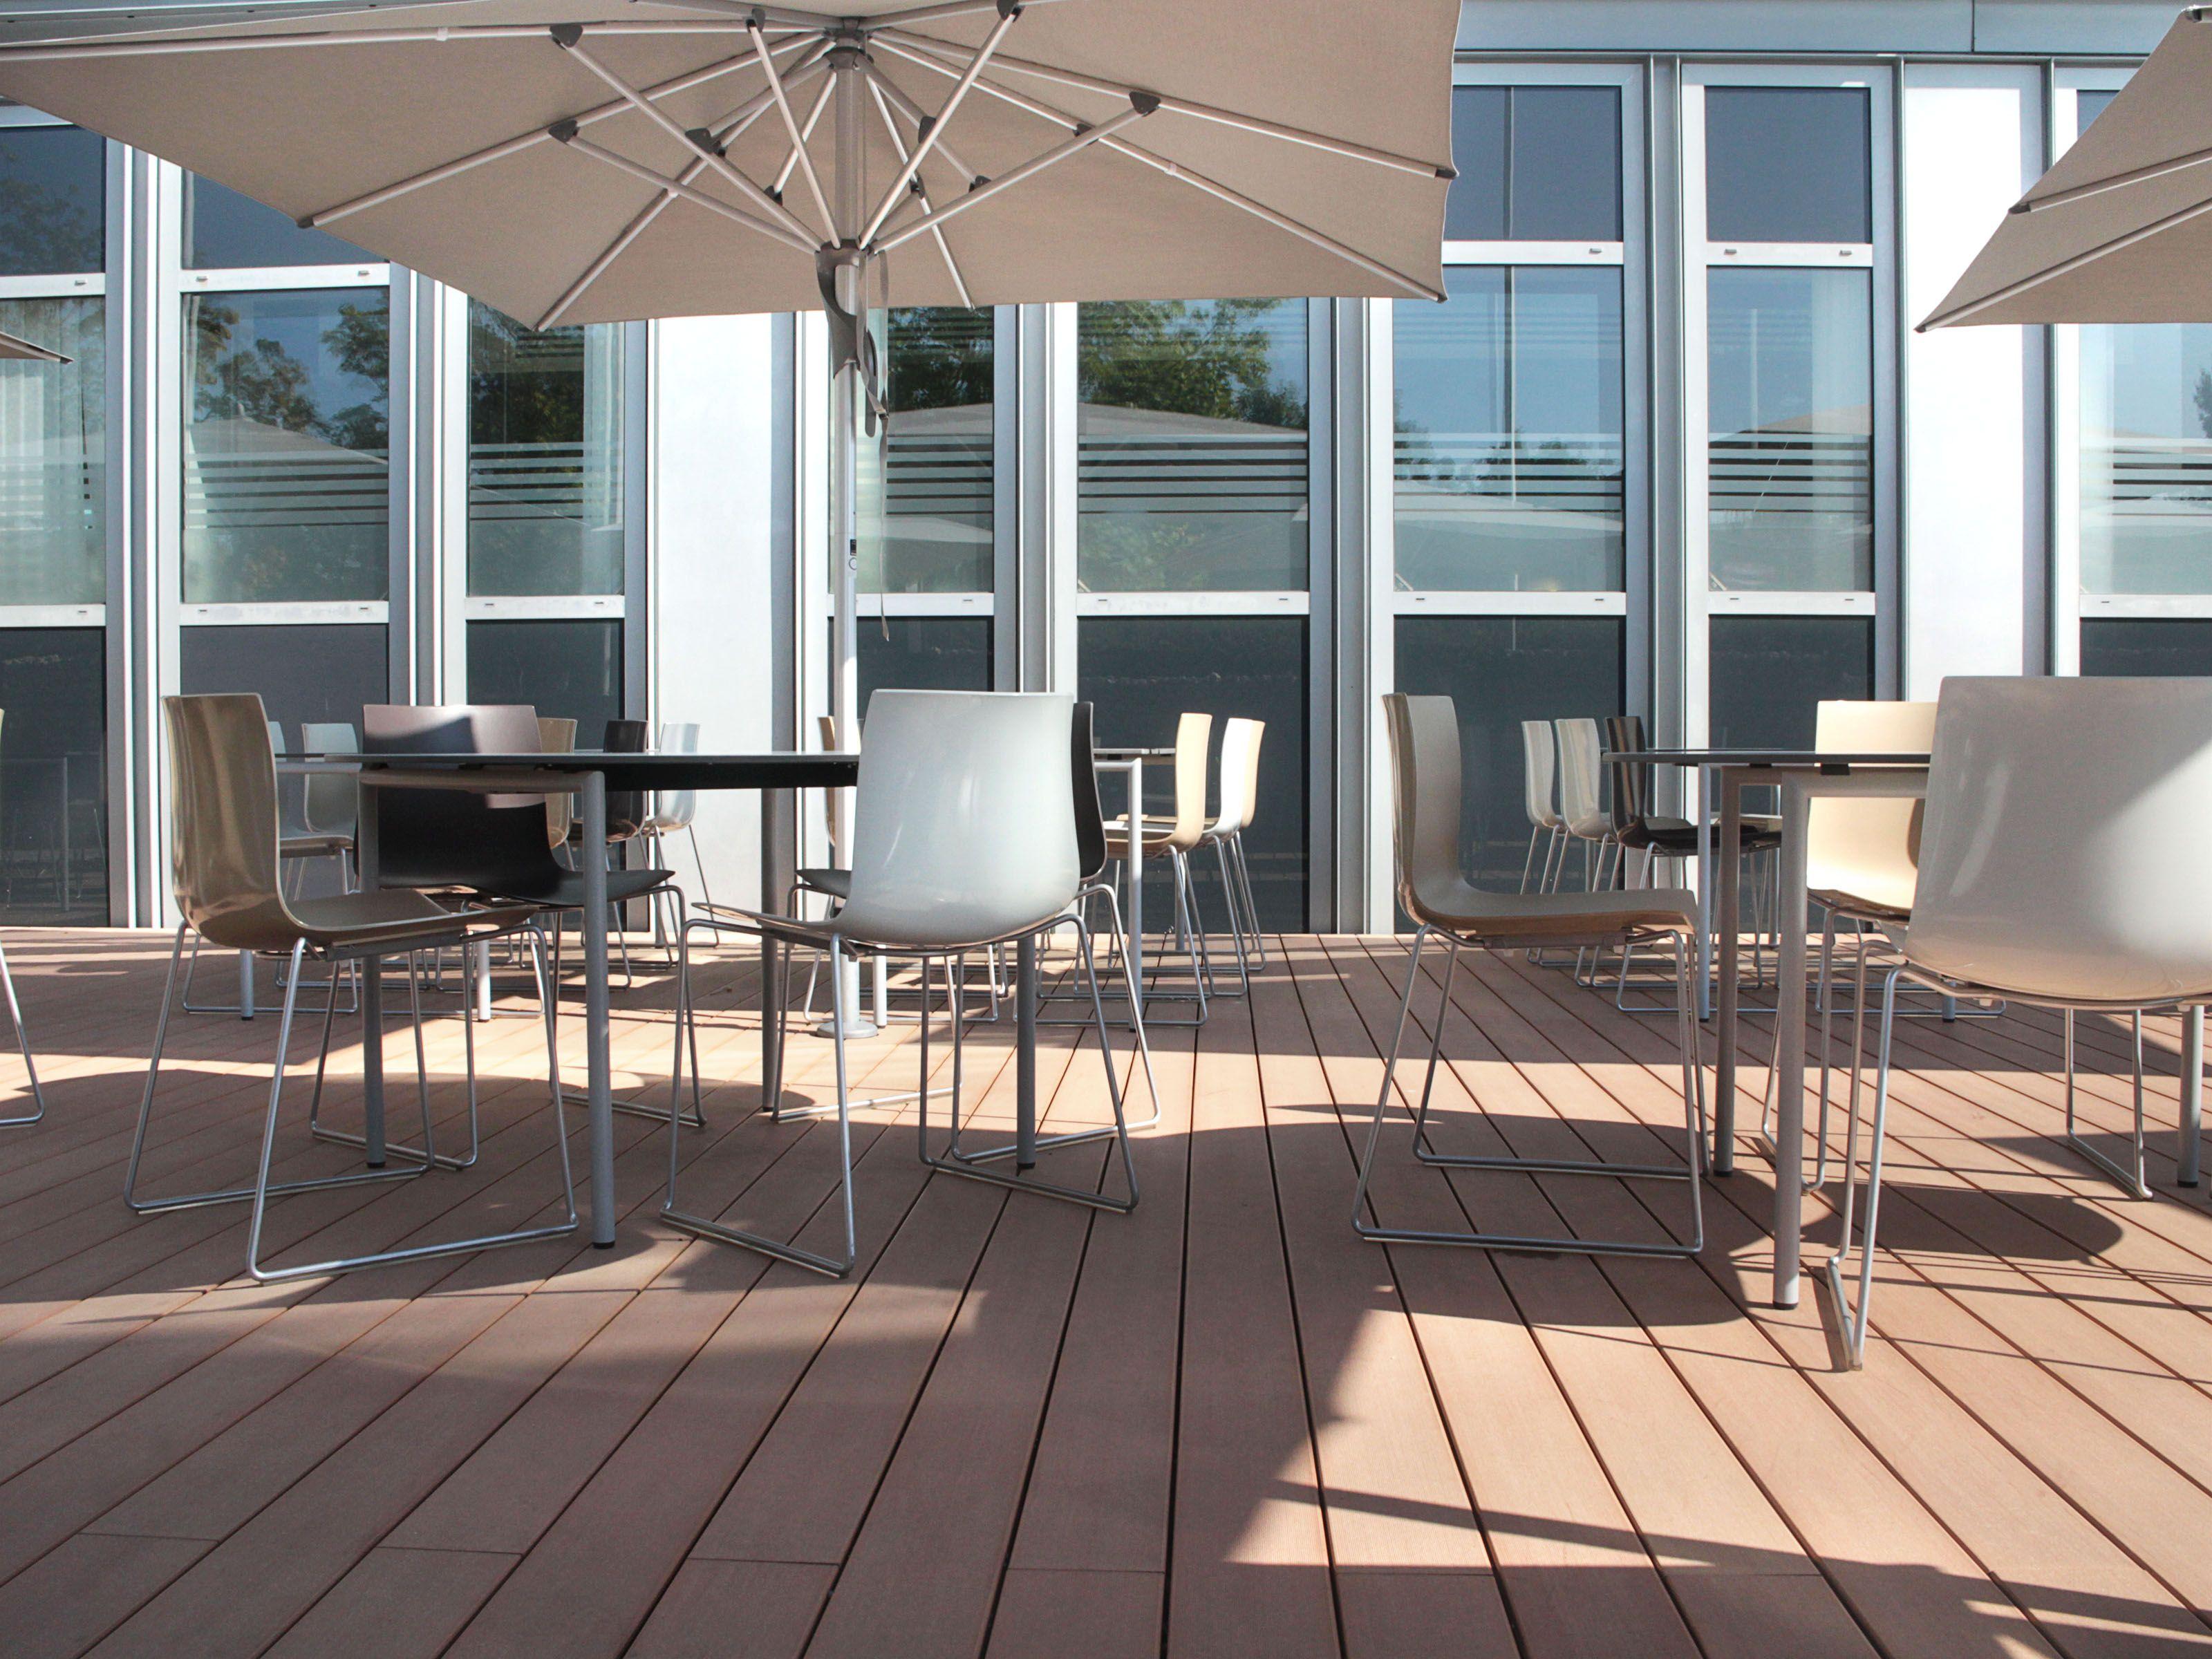 Pflegeleichte WPC Dielen als Terrassenbelag für ein Restaurant ...